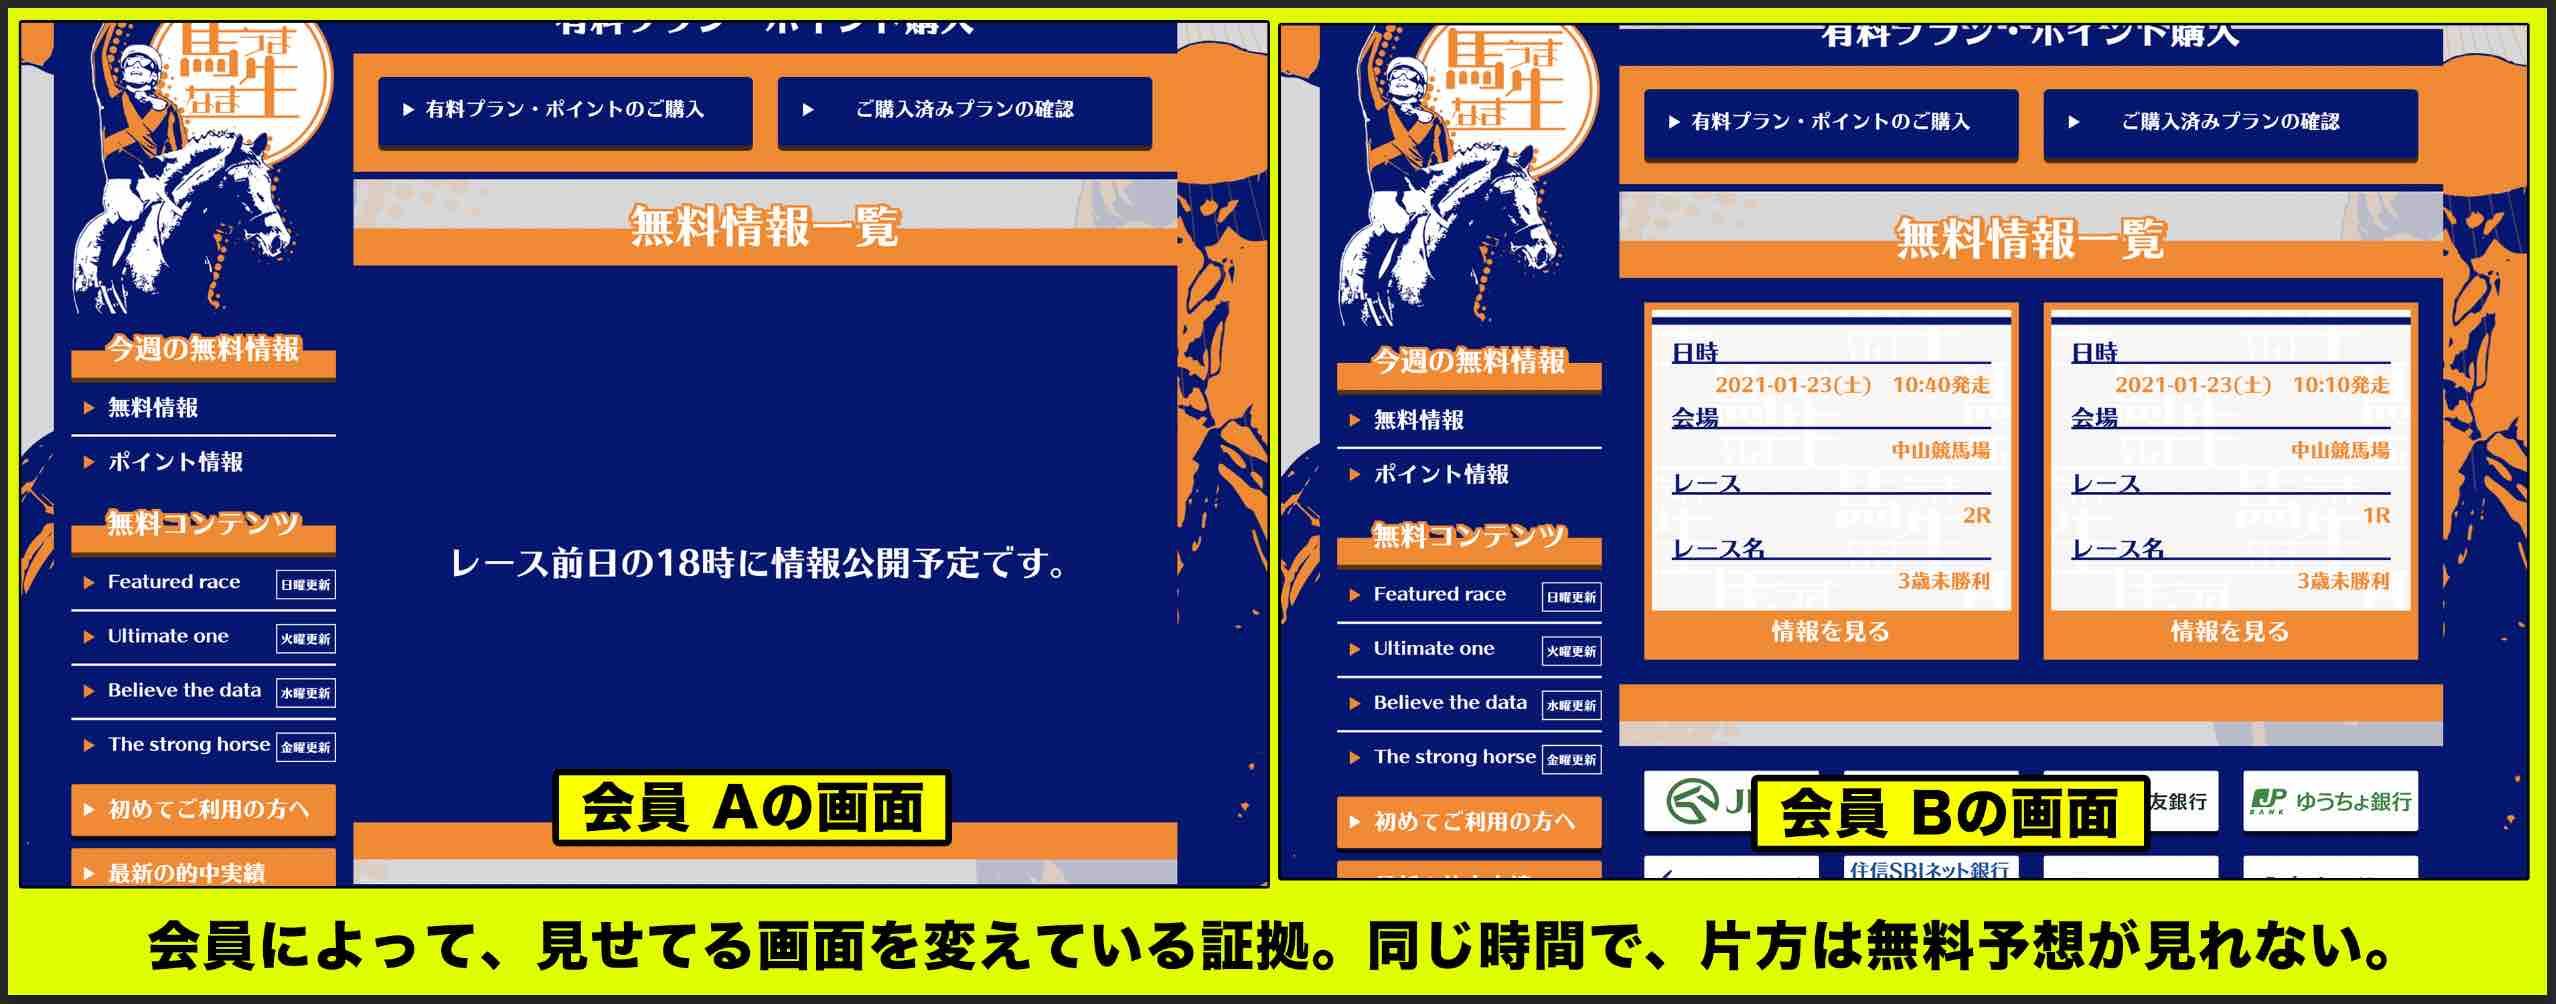 馬生という競馬予想サイトは会員によって画面を変えている証拠画像